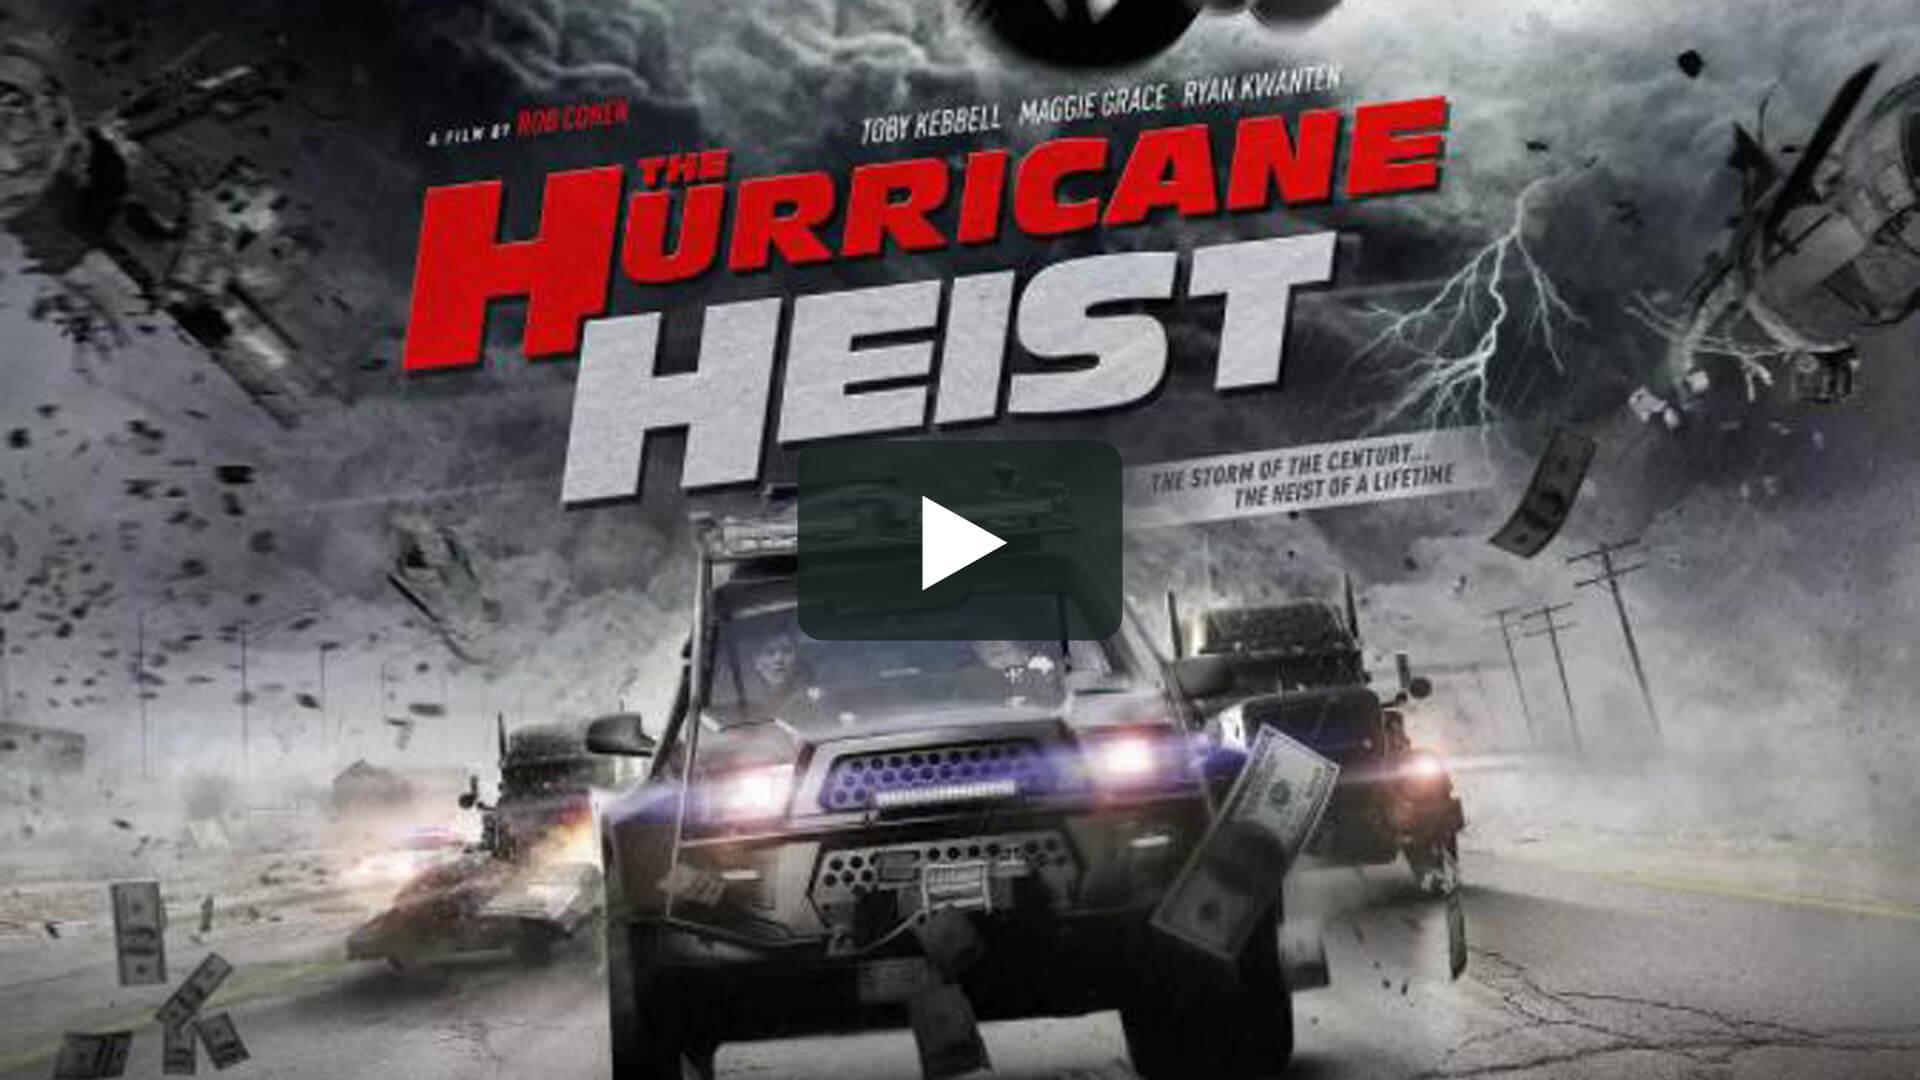 The Hurricane Heist - 颶風搶劫